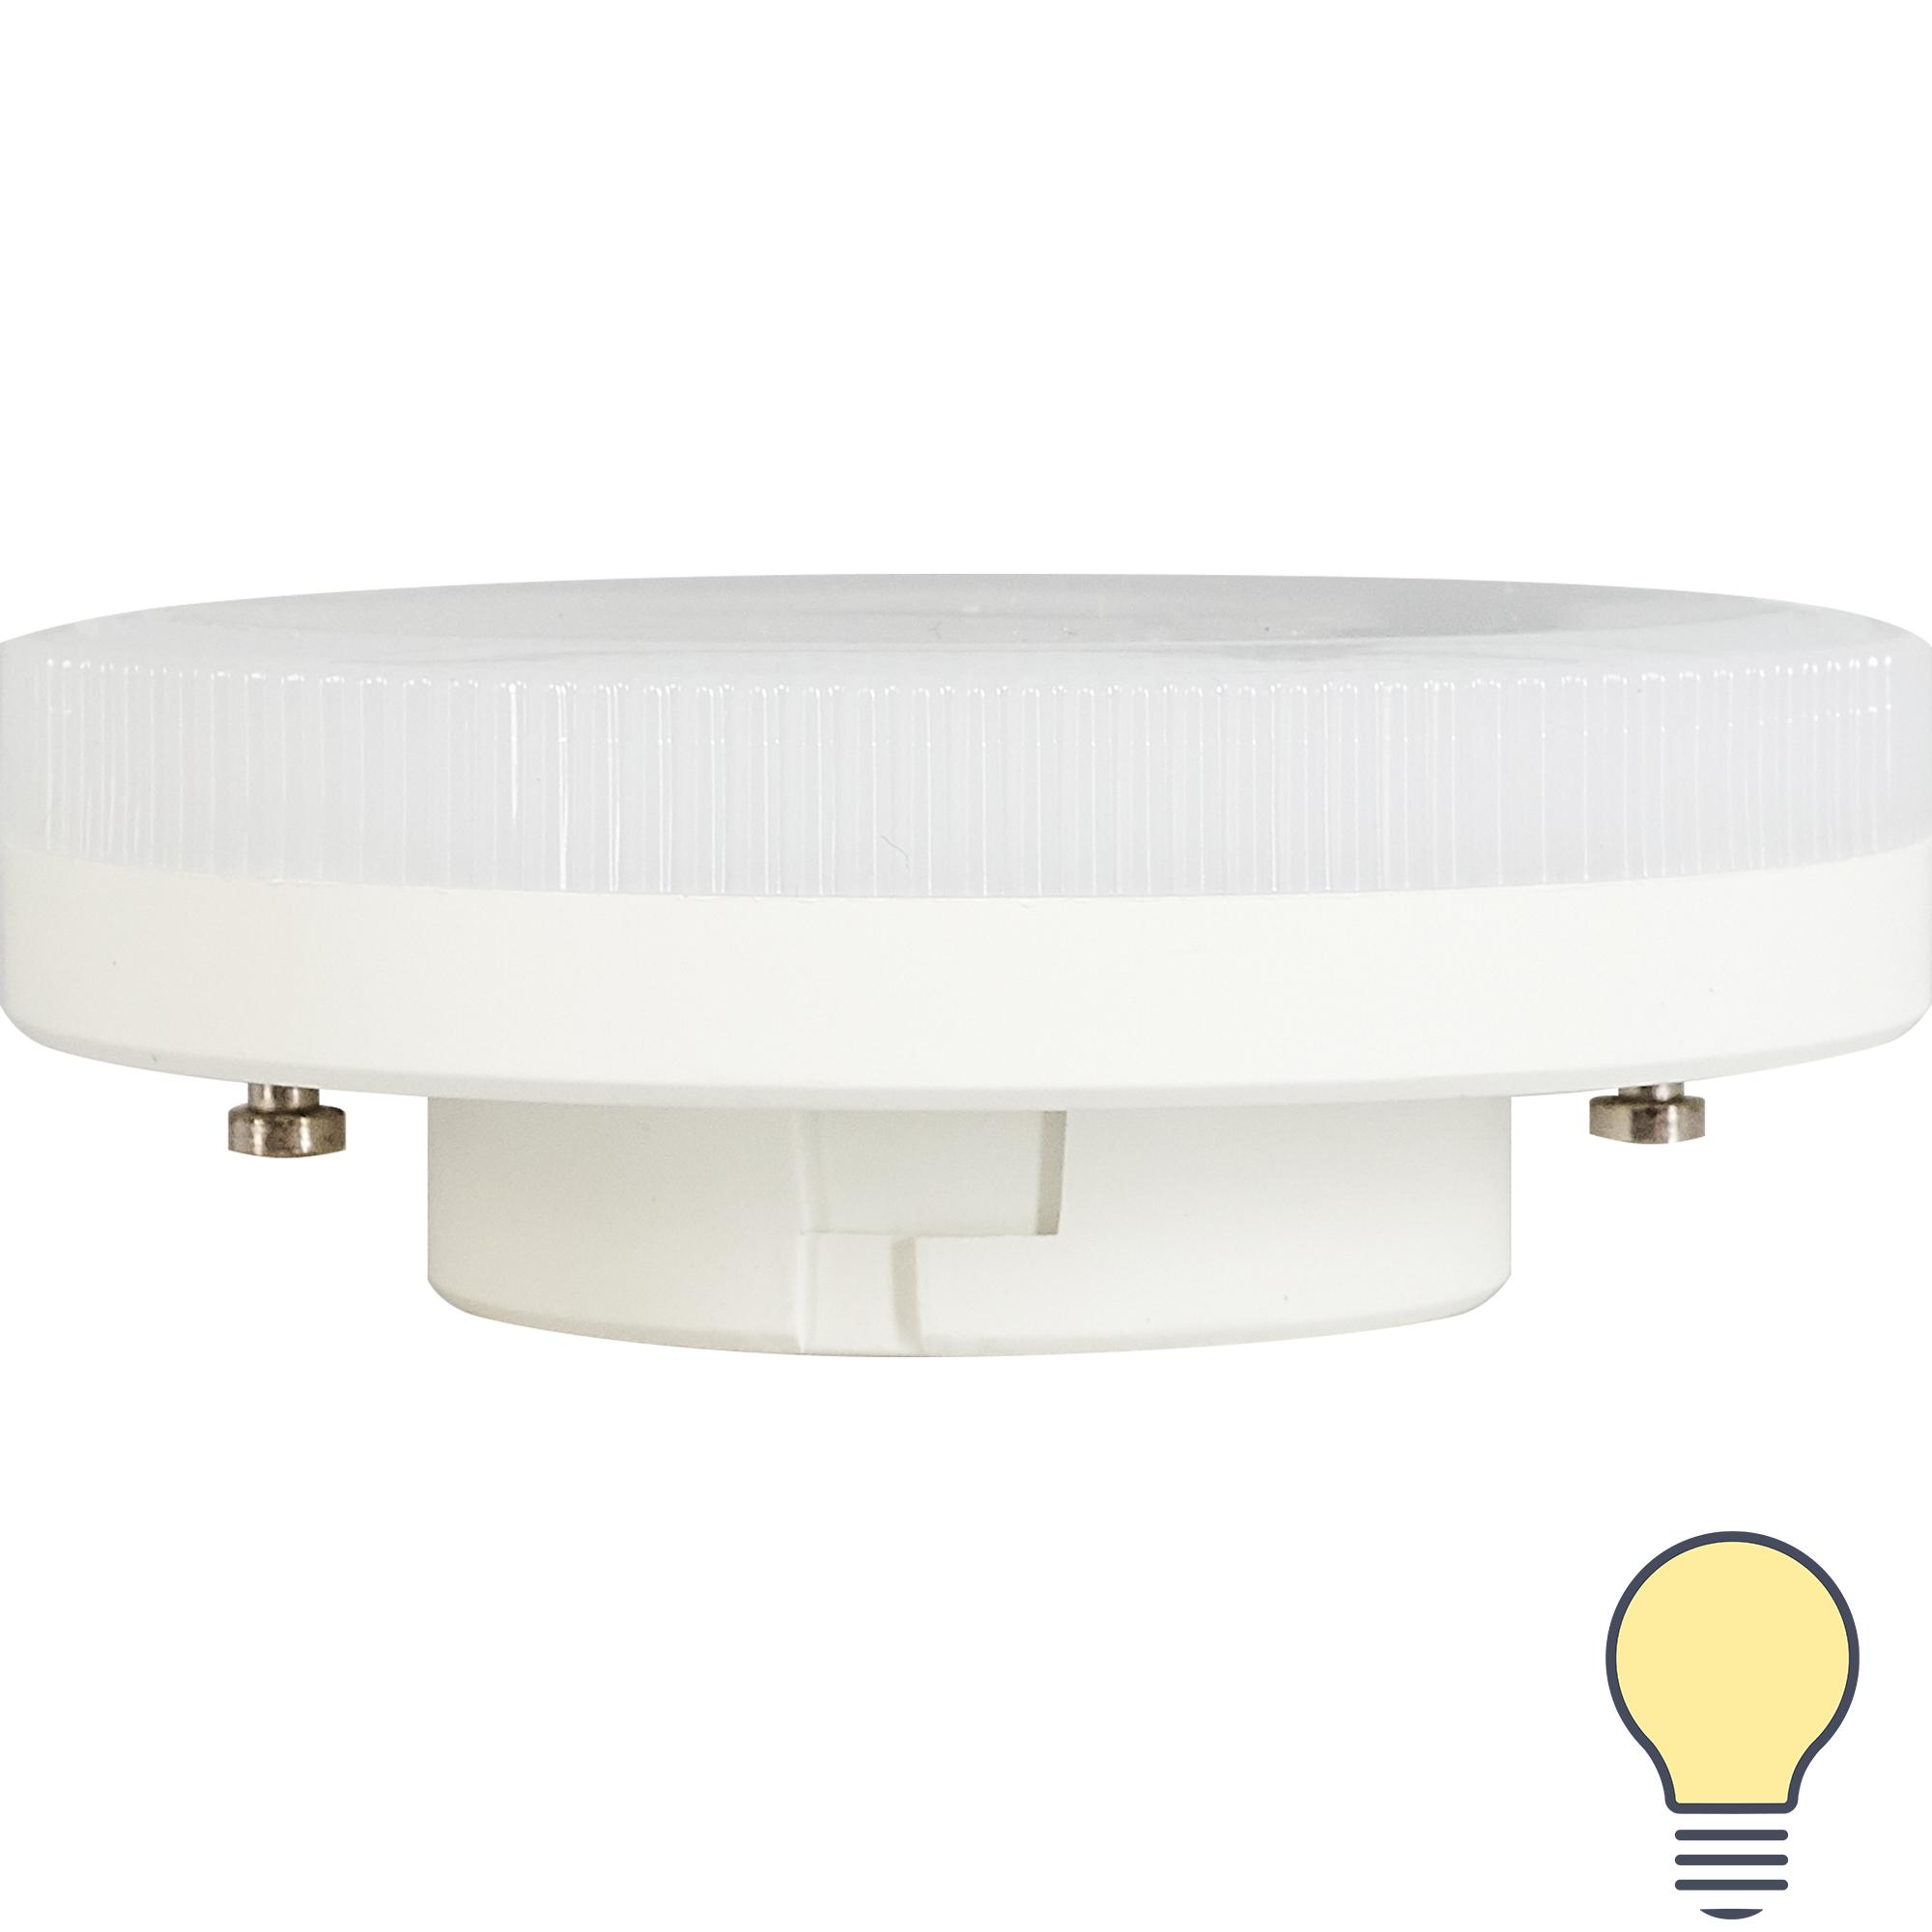 Лампа светодиодная Gauss Basic GX53 230 В 12.5 Вт диск 830 лм свет тёплый белый